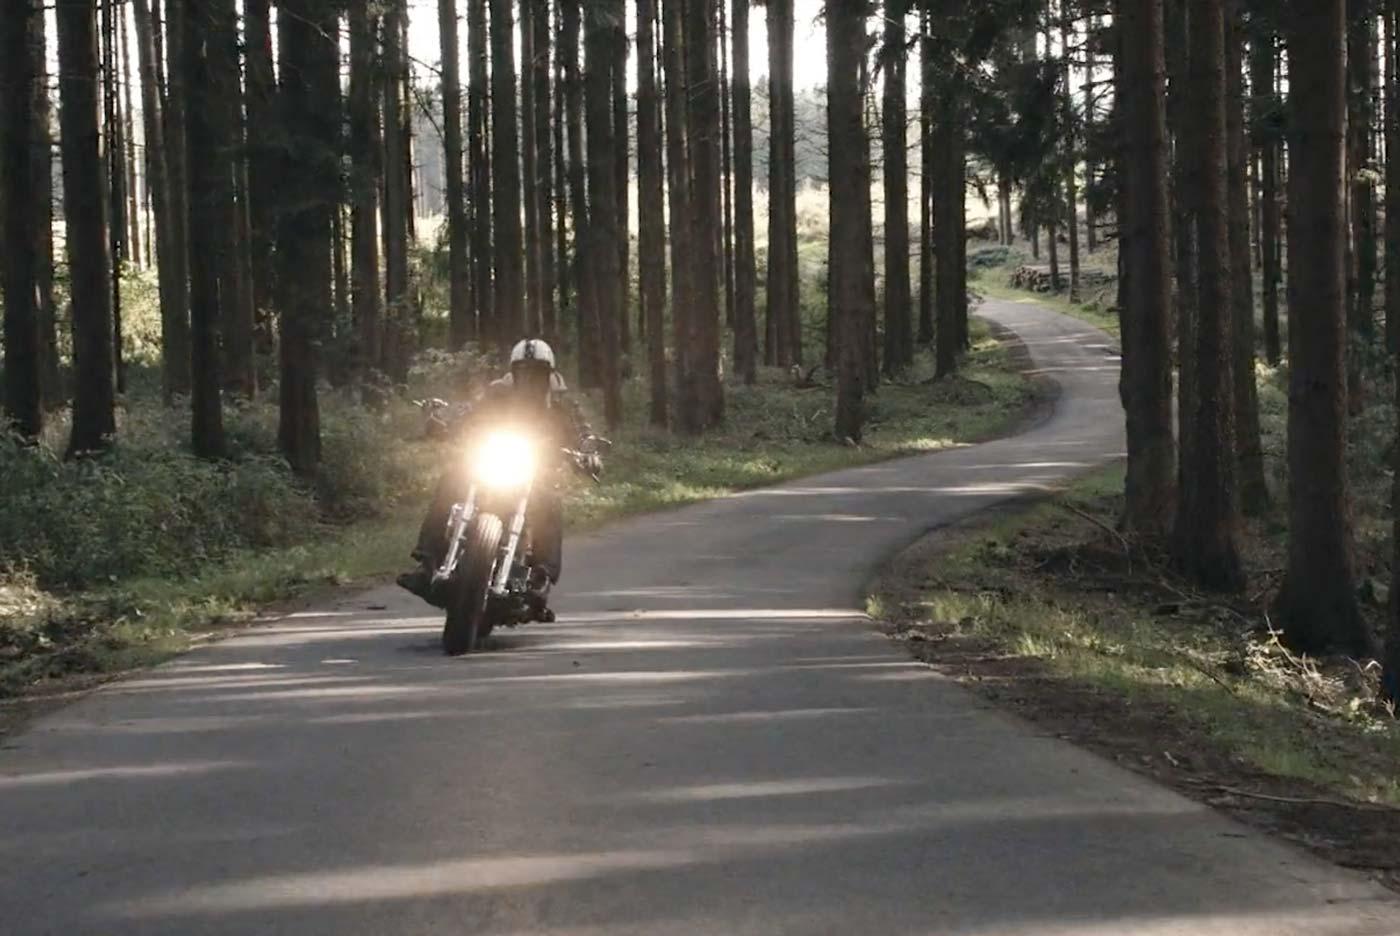 Filmproduktion_Duesseldorf_Harley_Davidson_saltandpictures